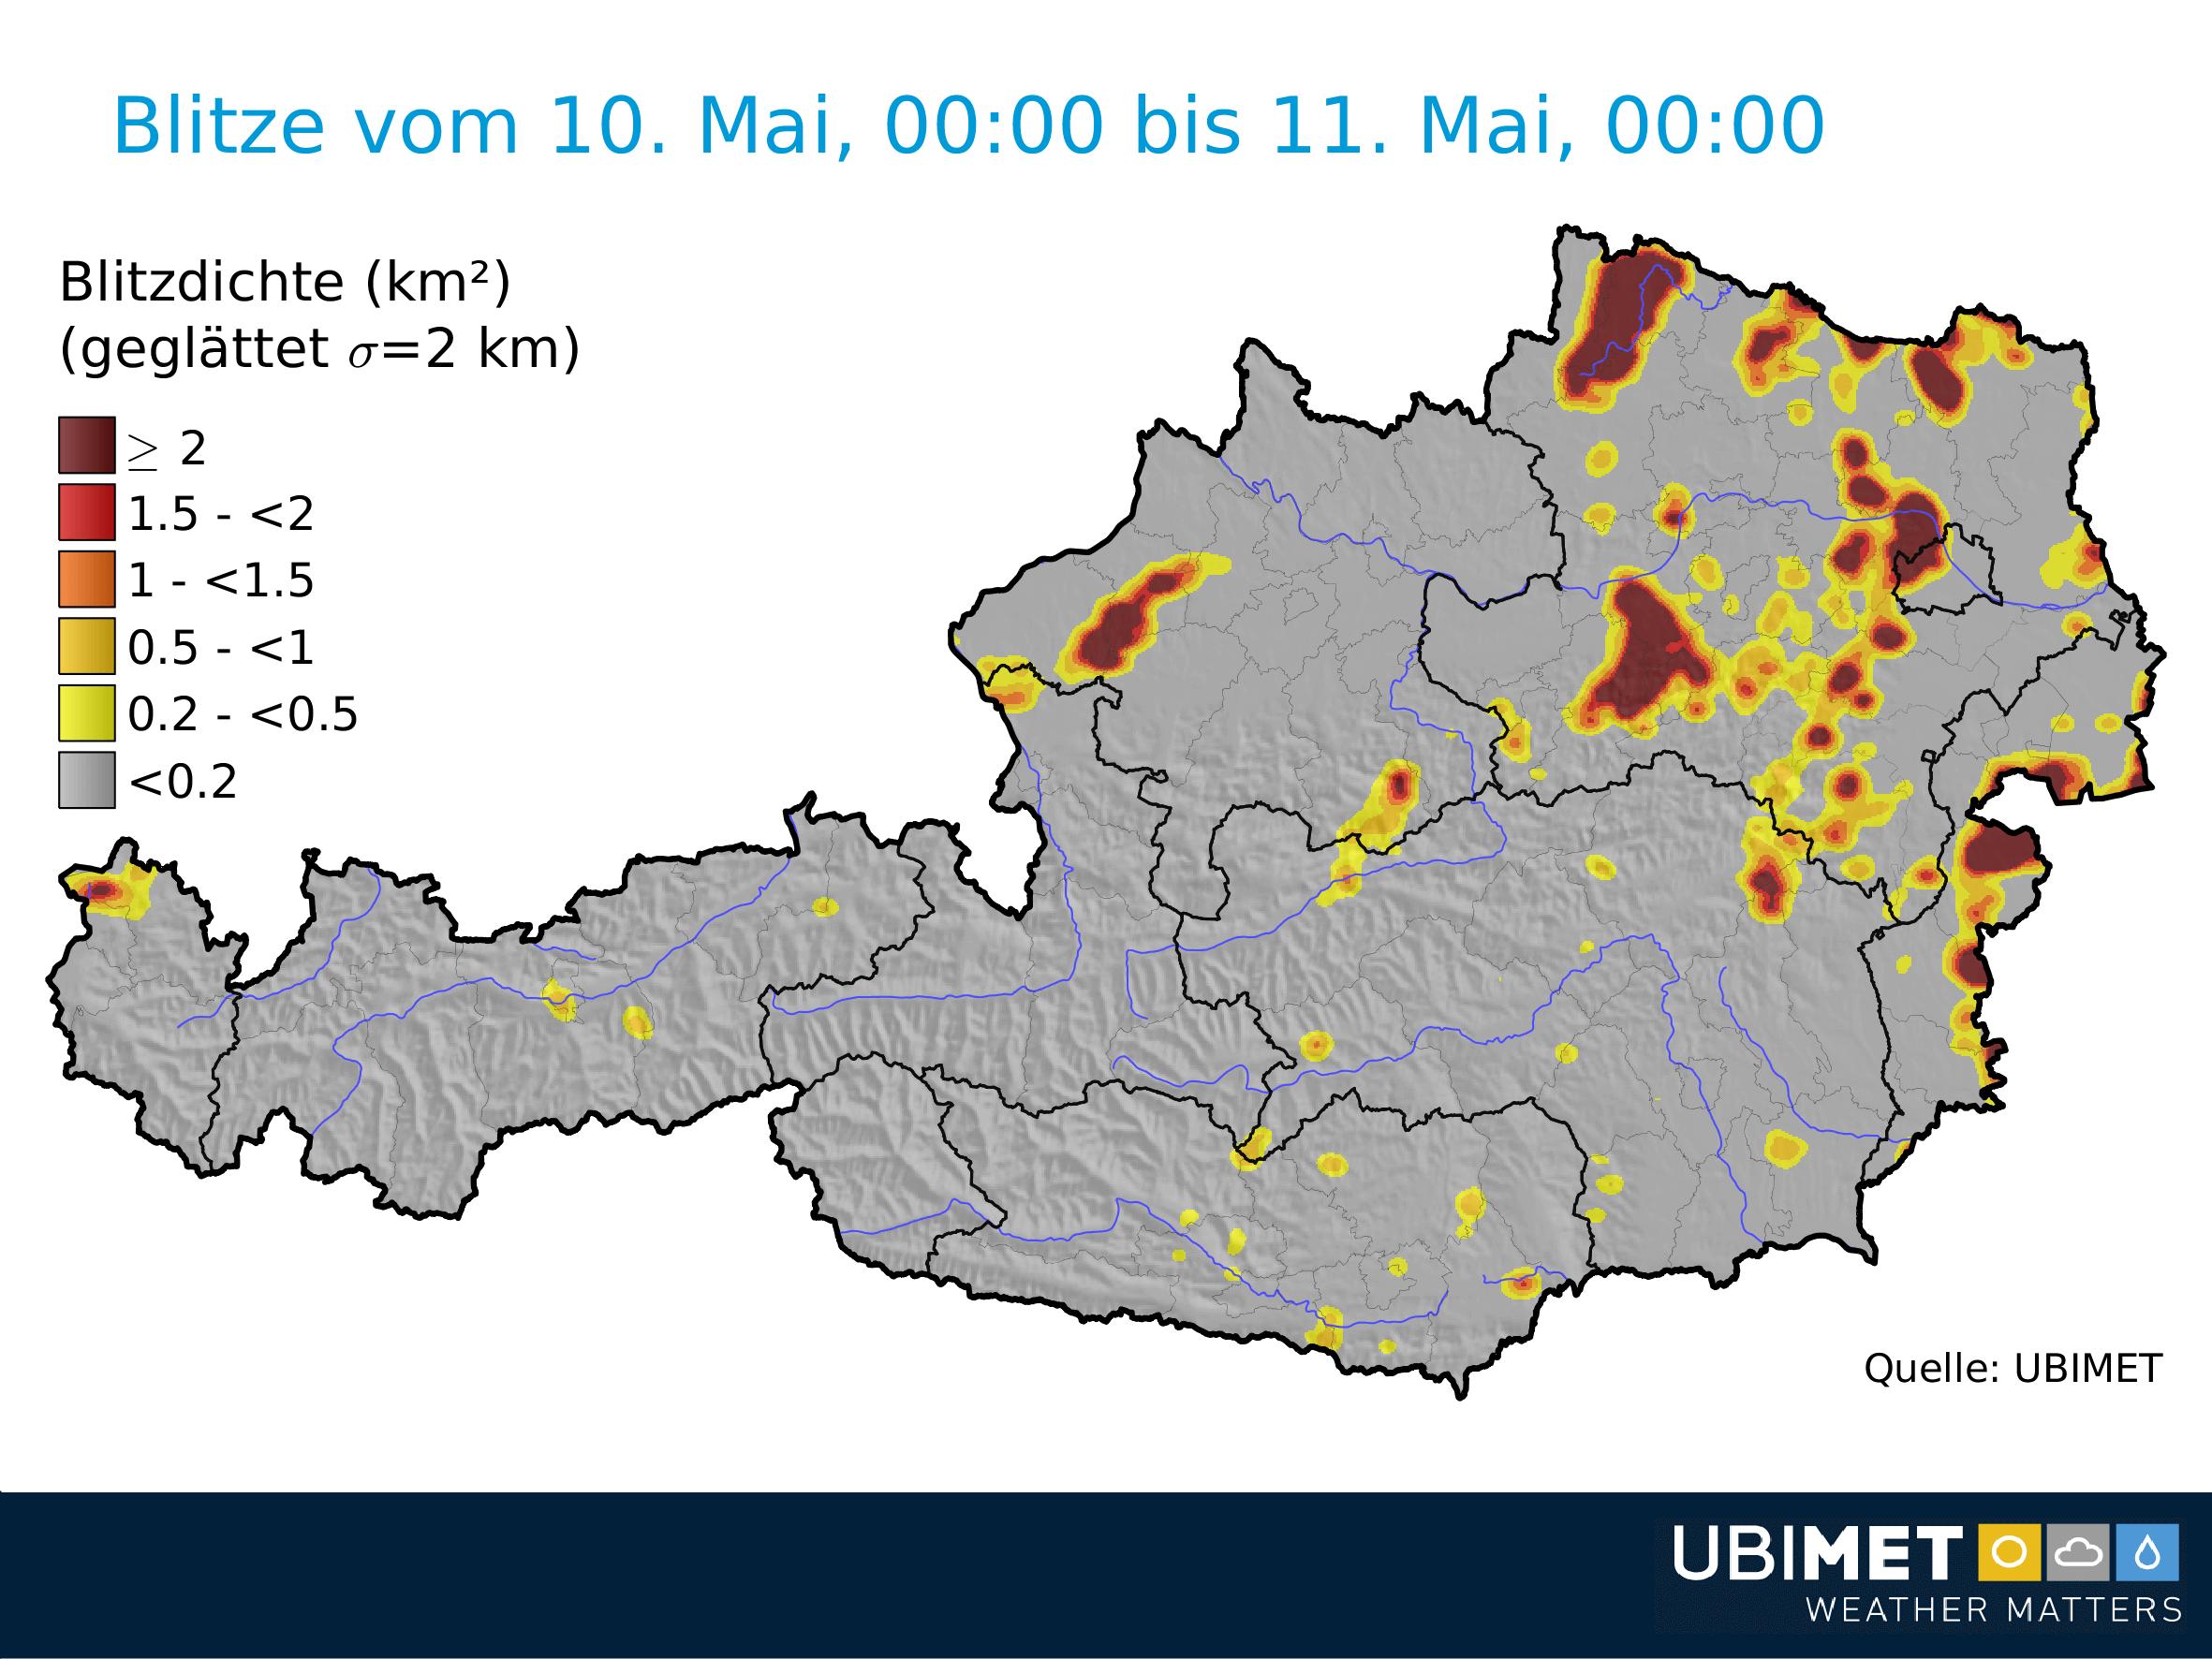 Blitzdichte am Donnerstag. © UBIMET